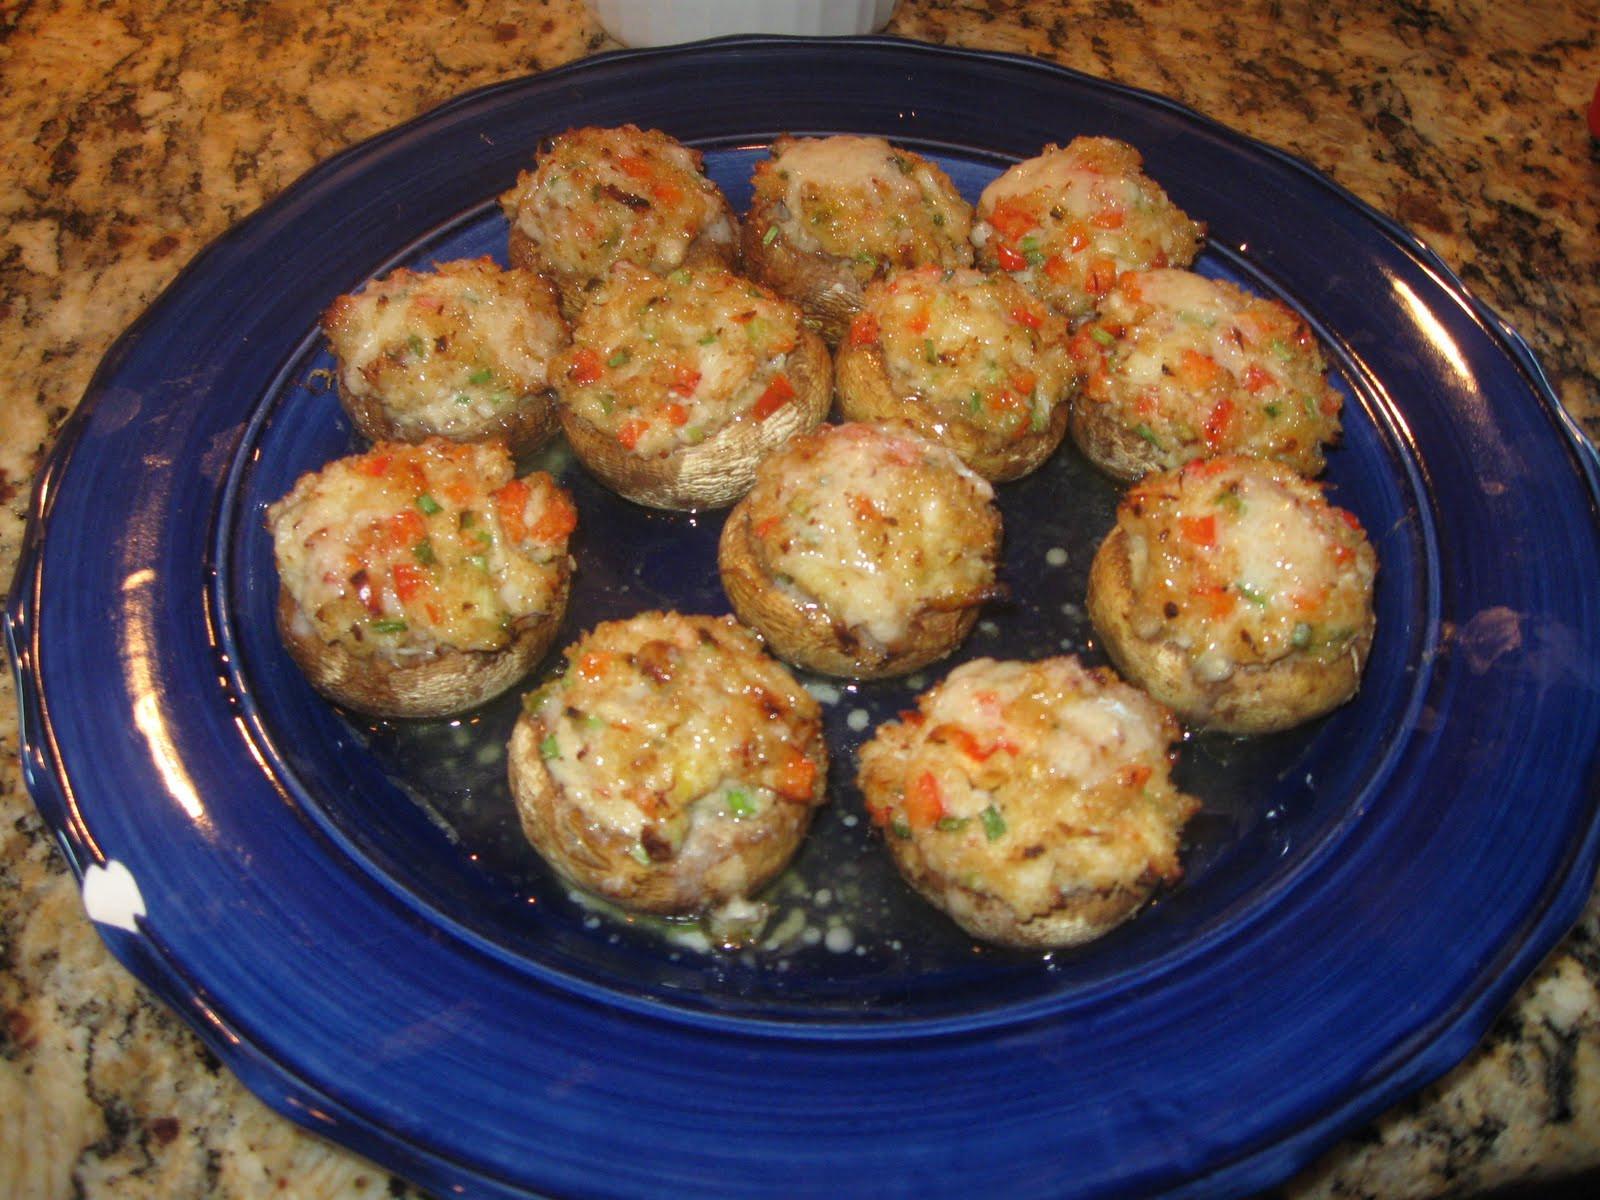 Crab Stuffed Mushroom Recipe  My Songs of Joy Family Food & Wine Crab Stuffed Mushrooms